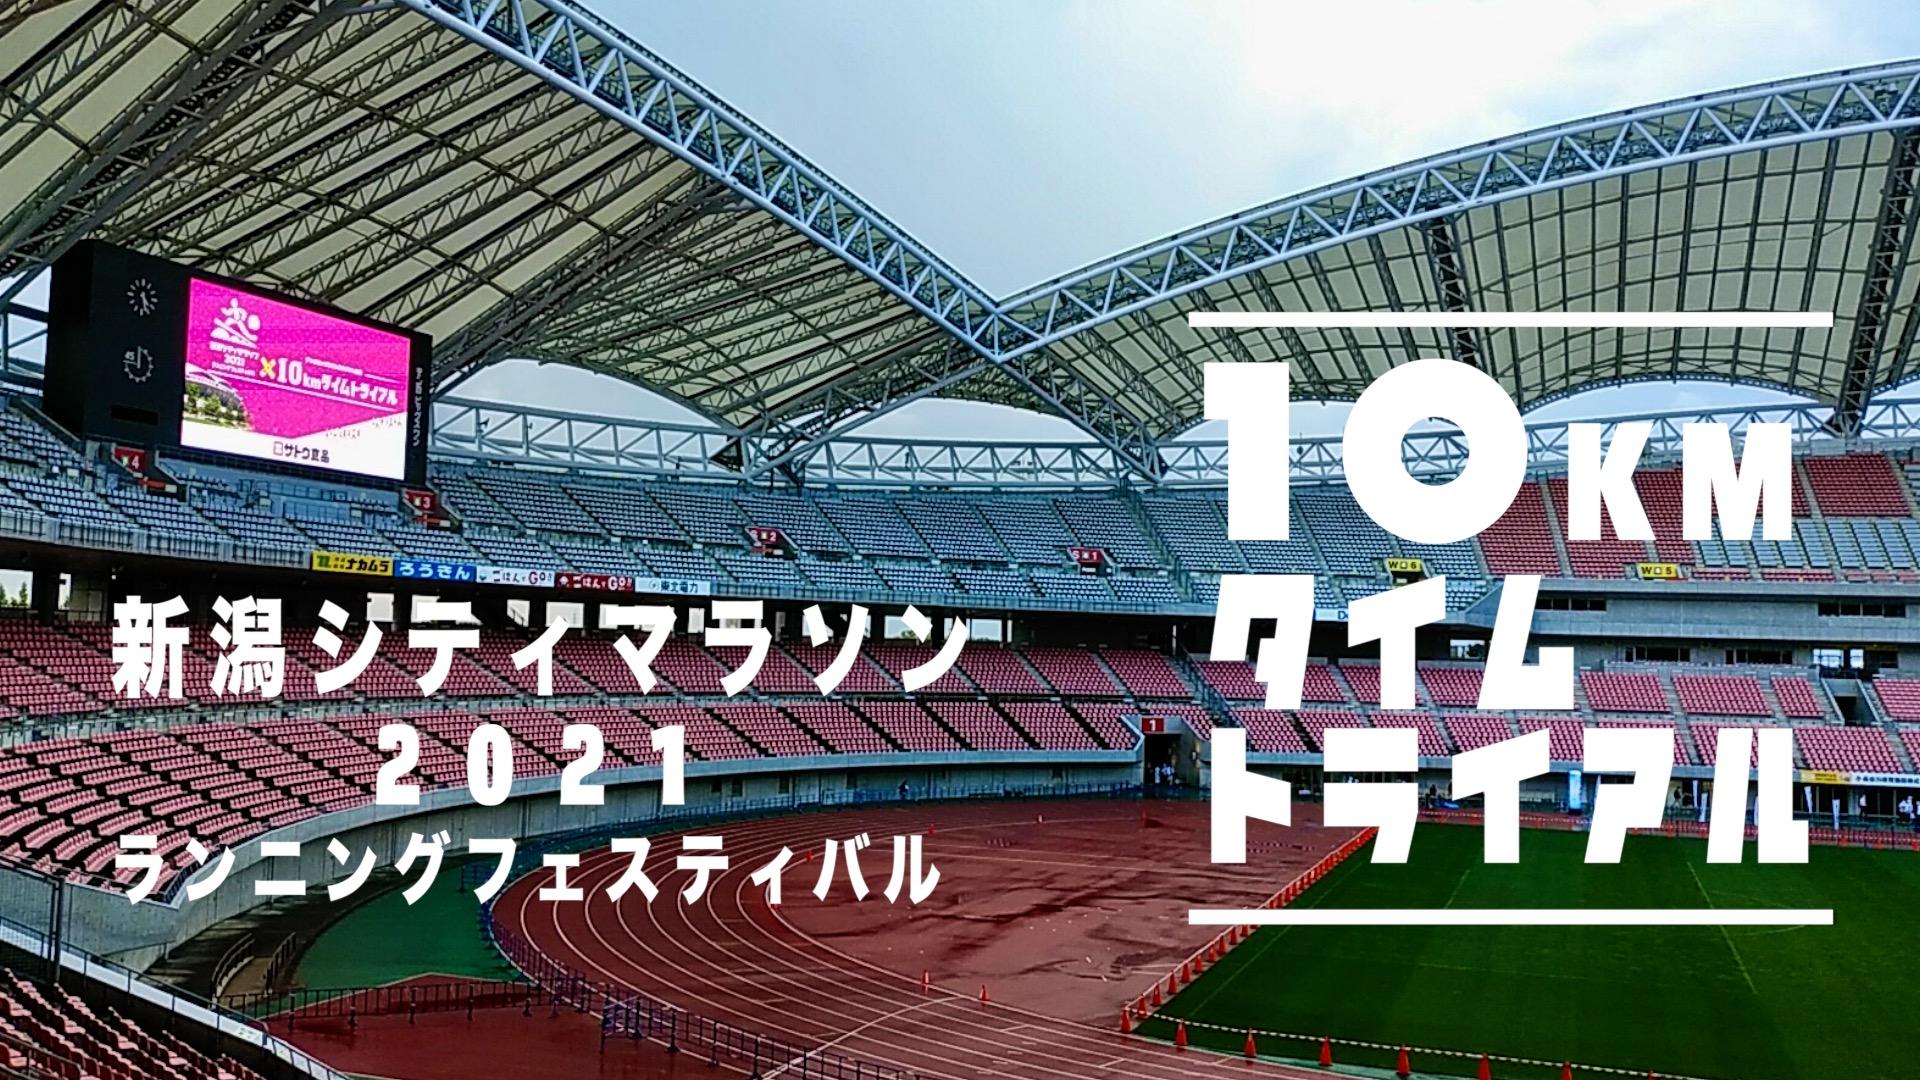 新潟シティマラソン2021のアイキャッチ画像